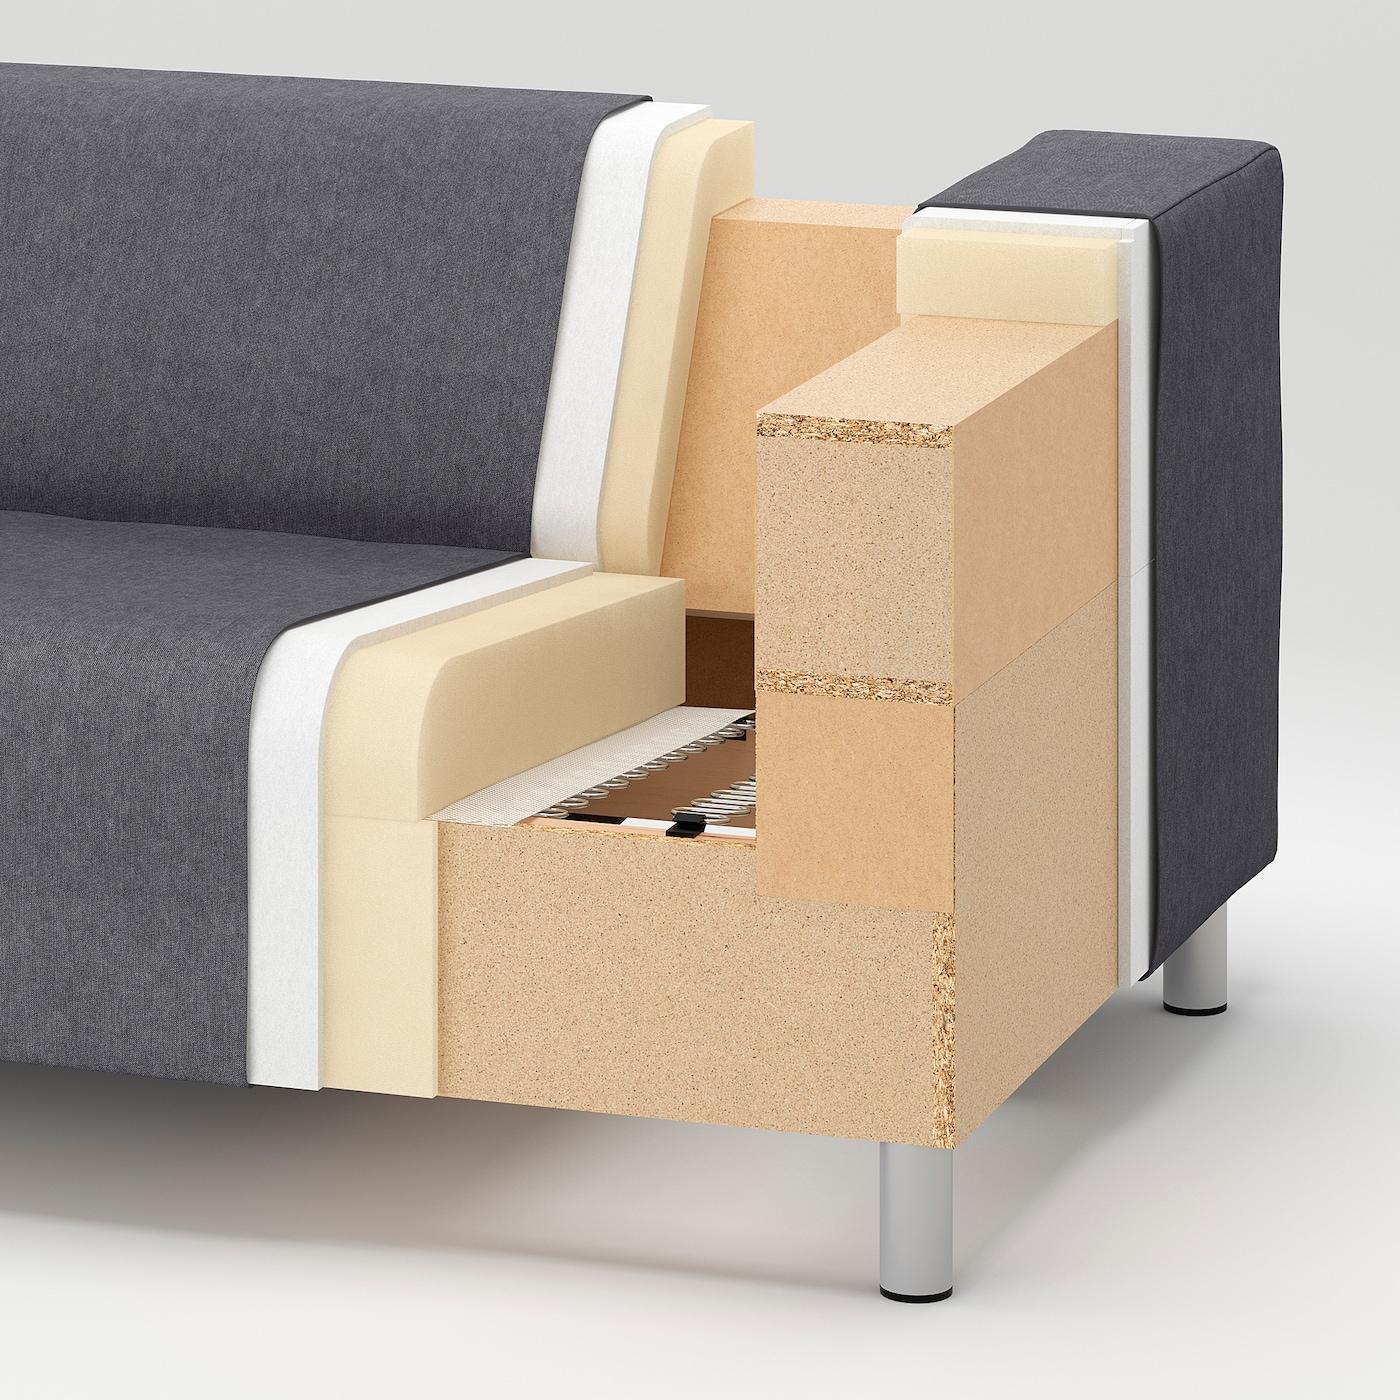 KLIPPAN Frame, 2-seat sofa, lining cloth